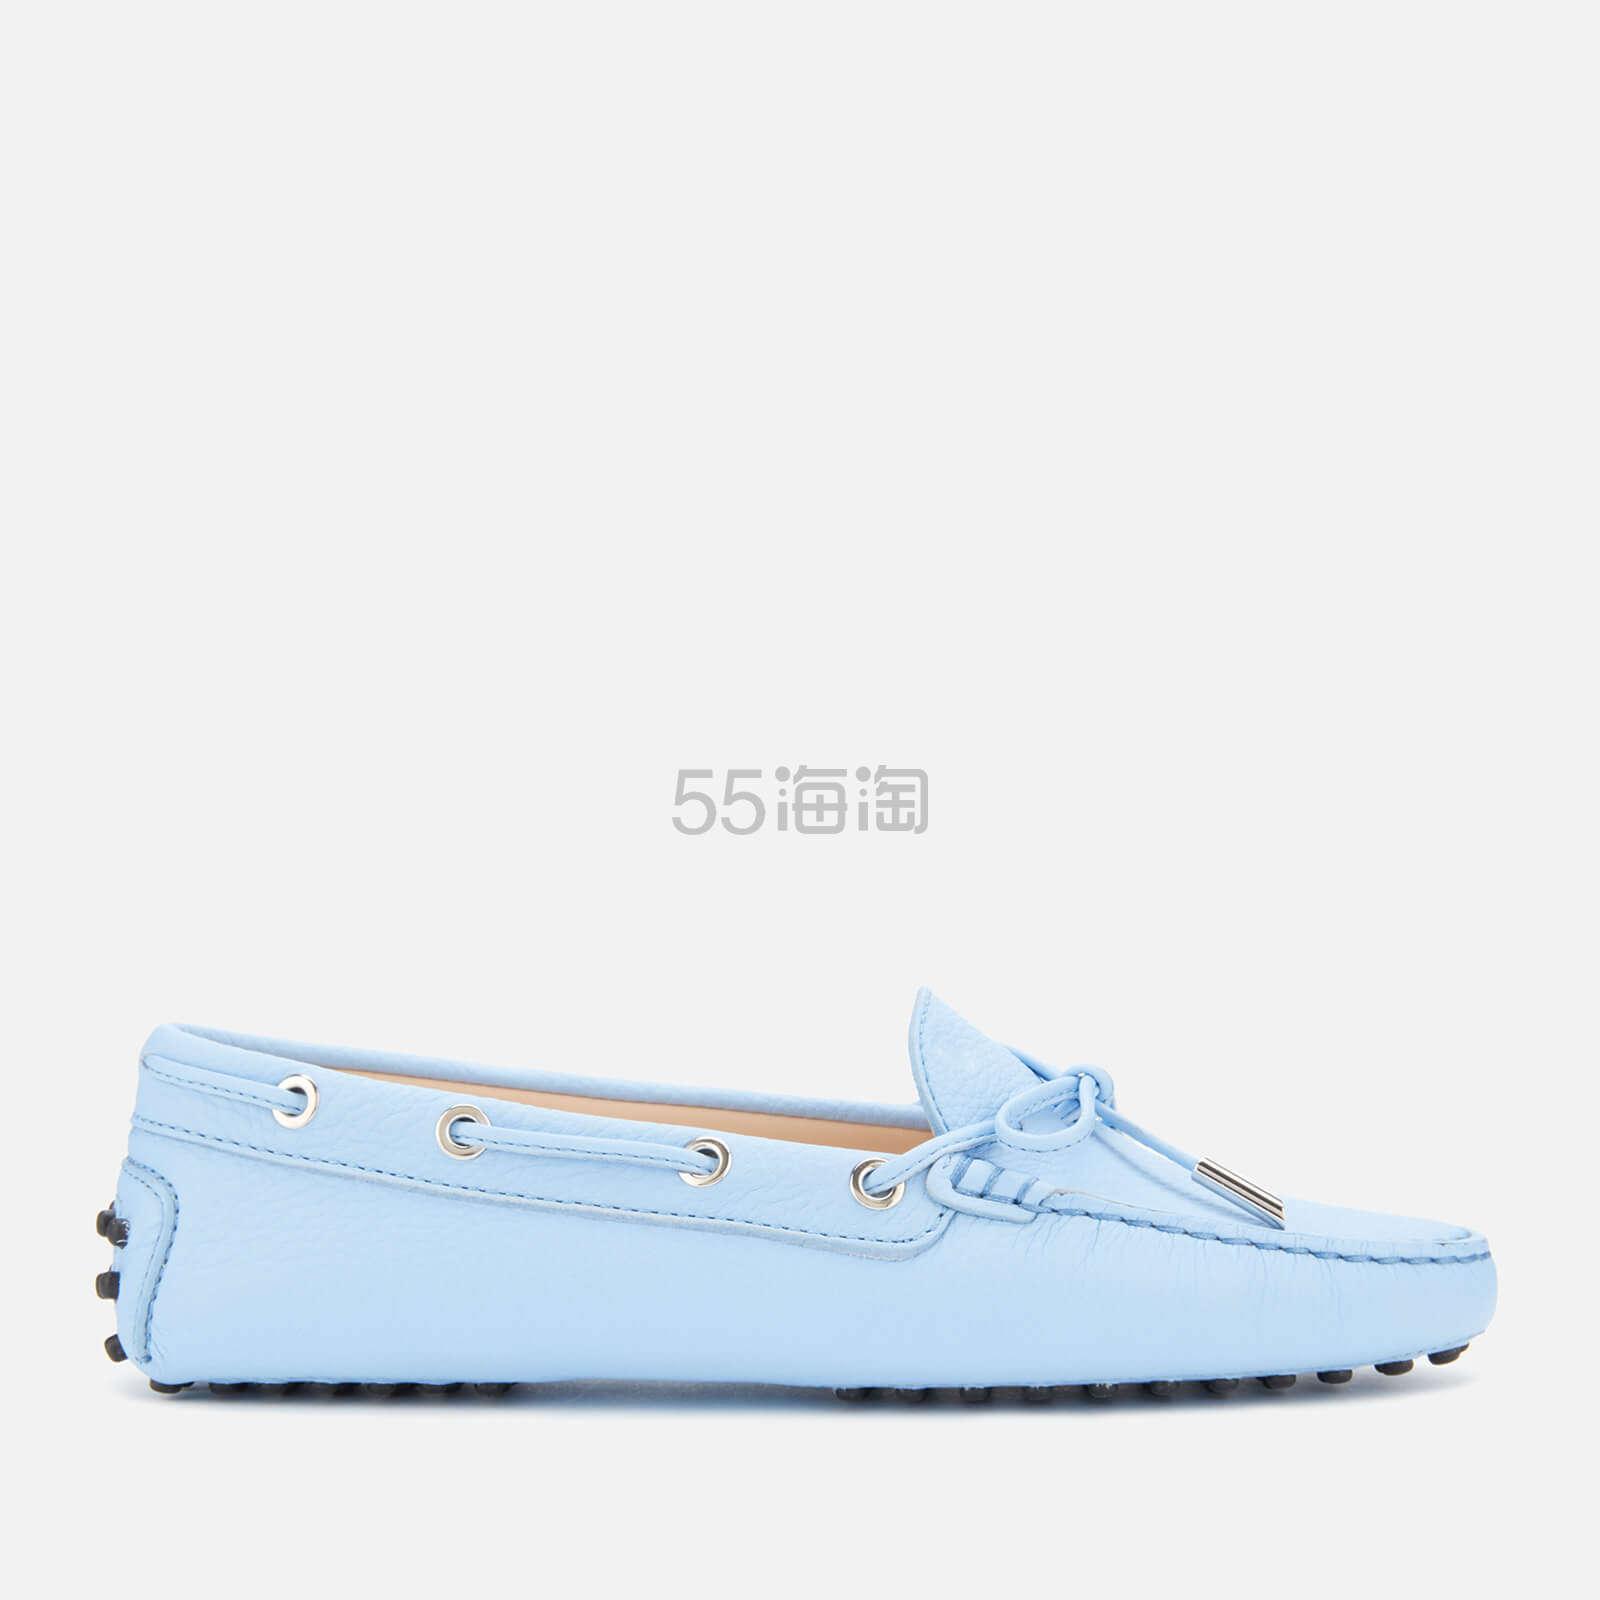 Tods Gommino 女款休闲豆豆鞋 ¥2,339.2 - 海淘优惠海淘折扣 55海淘网